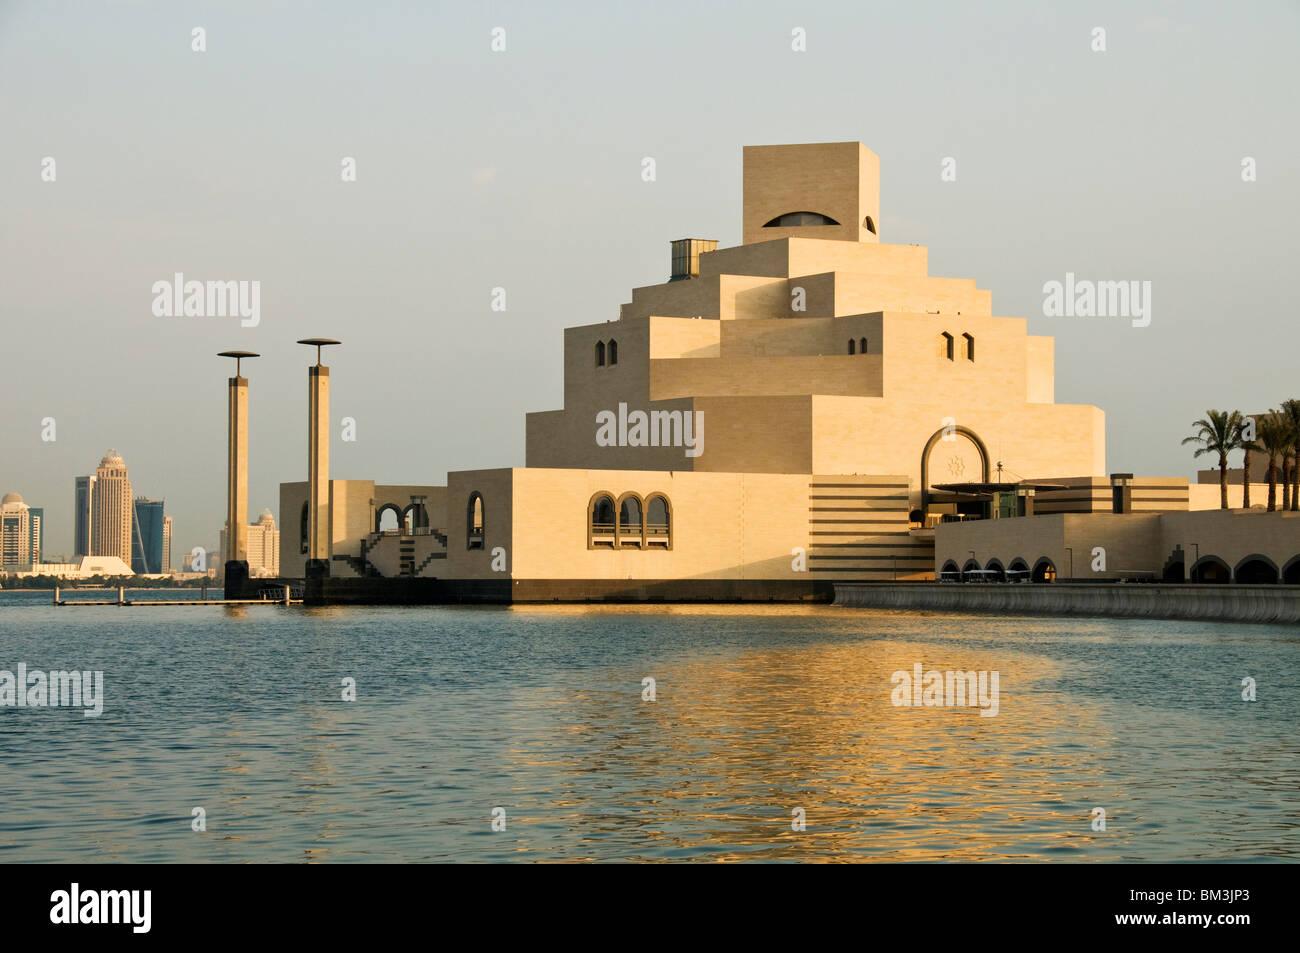 En Doha, Qatar, el Museo de Arte Islámico, soy arquitecto Pei 2008 Imagen De Stock